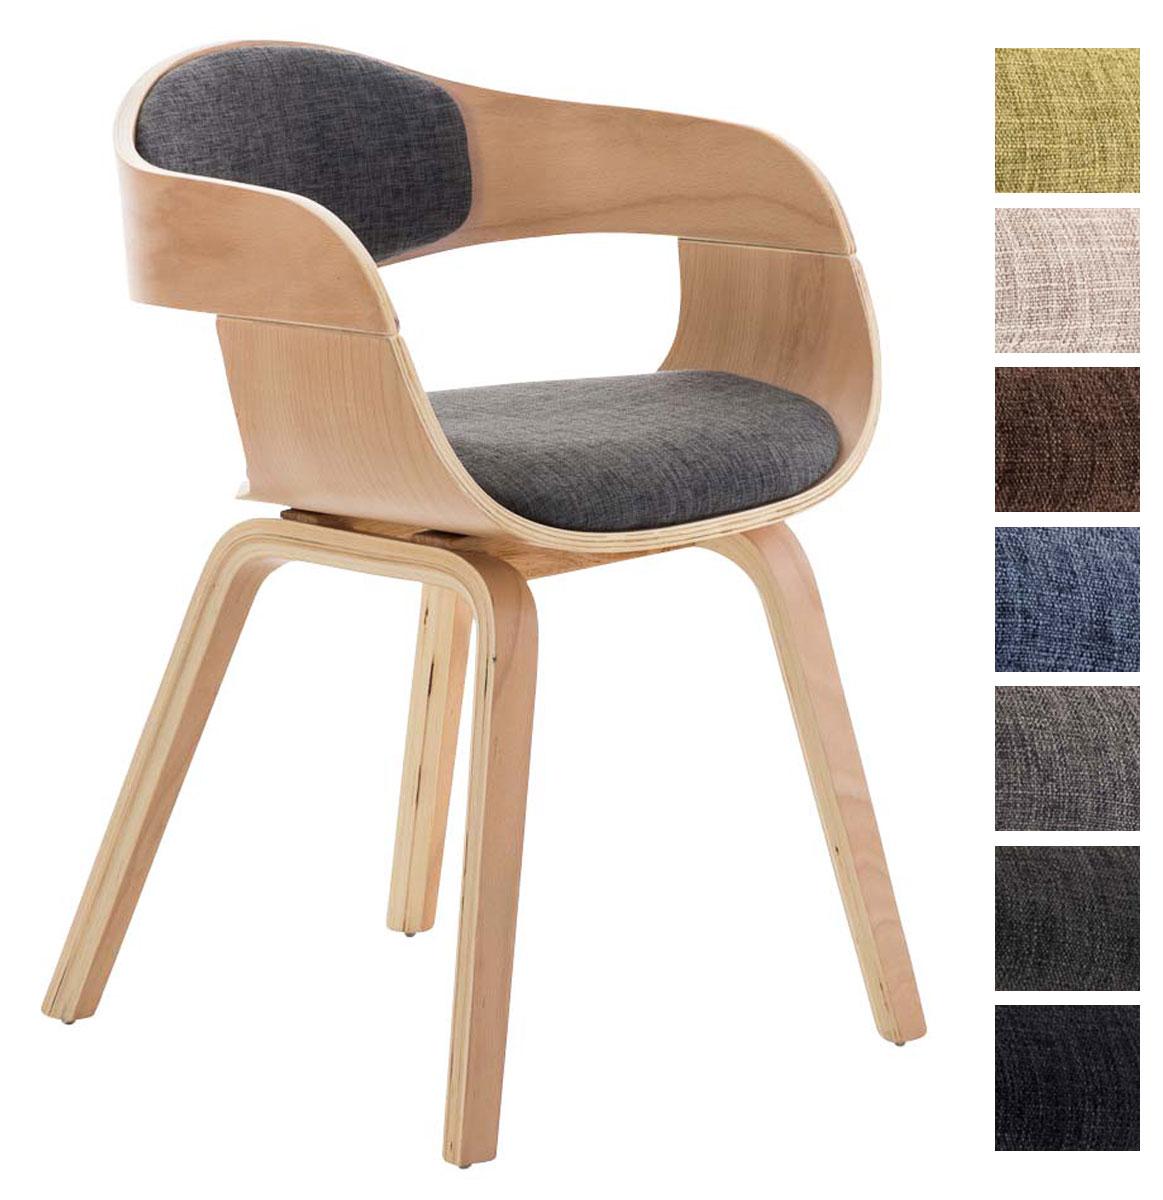 details sur chaise de salle a manger kingston tissu bois nature fauteuil design scandinave